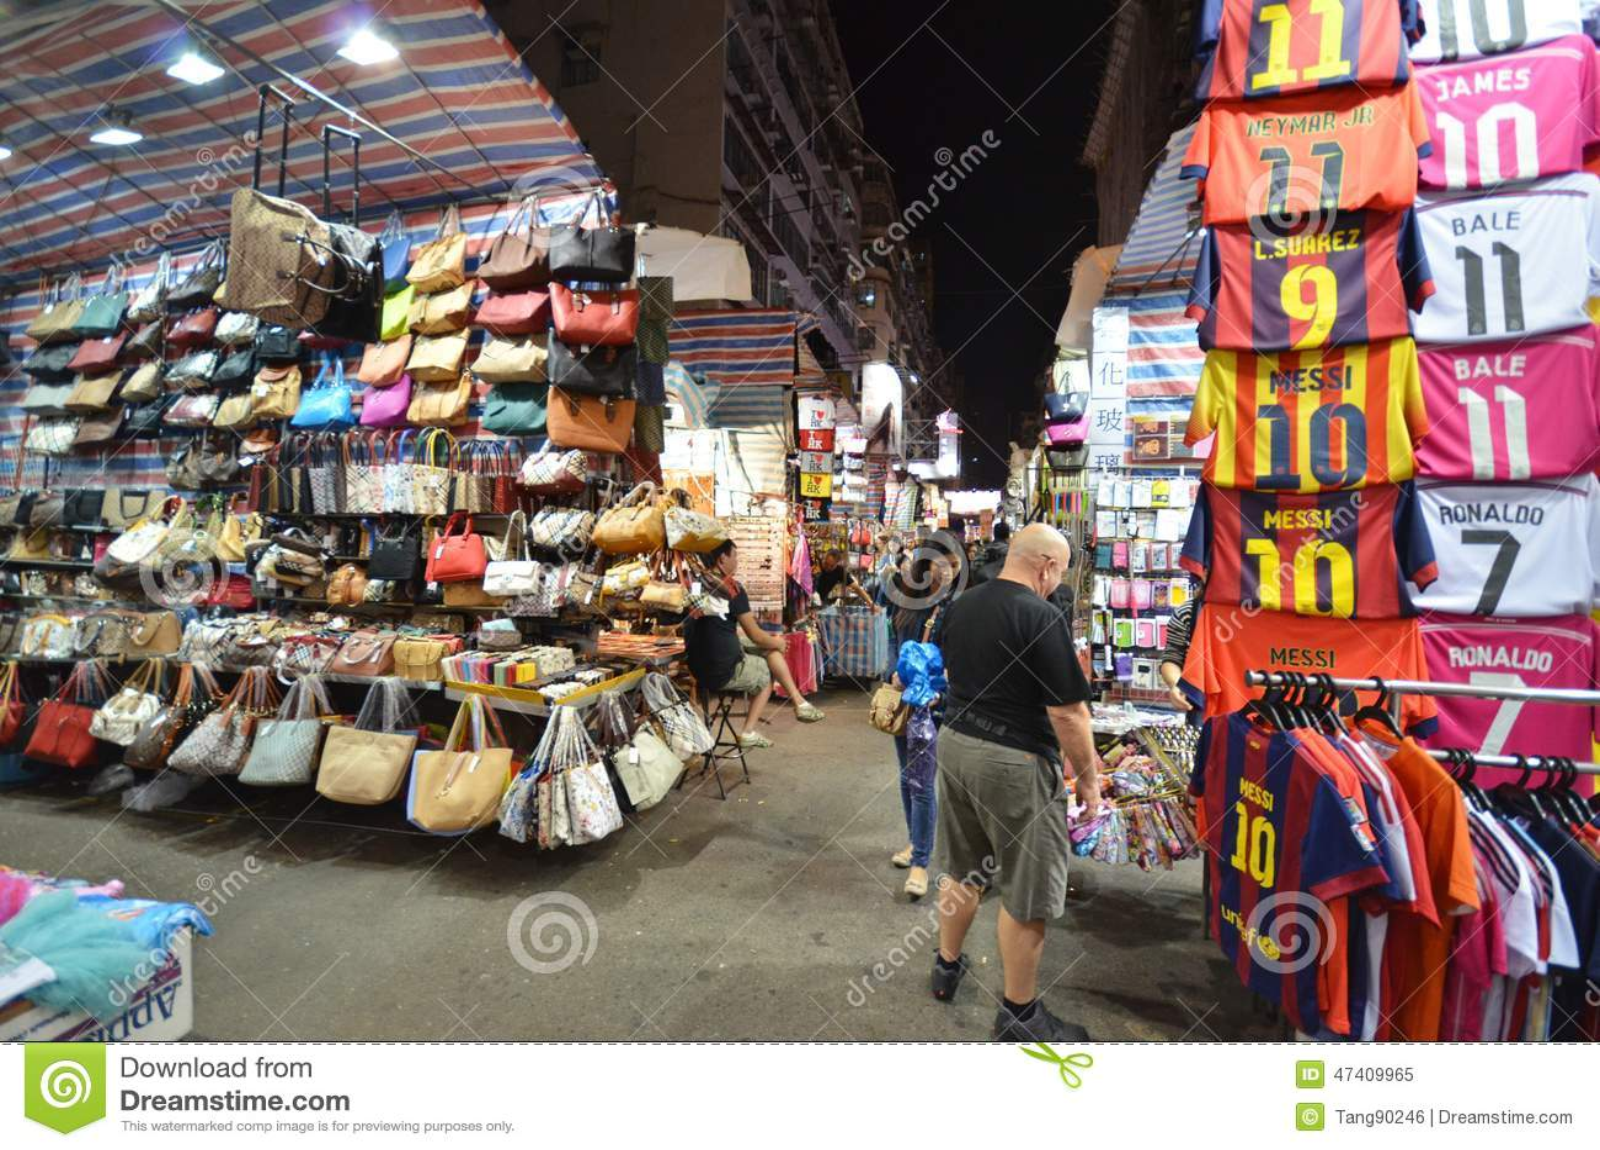 Hong Kong Suppliers and Hong Kong Manufacturers HKTDC 27